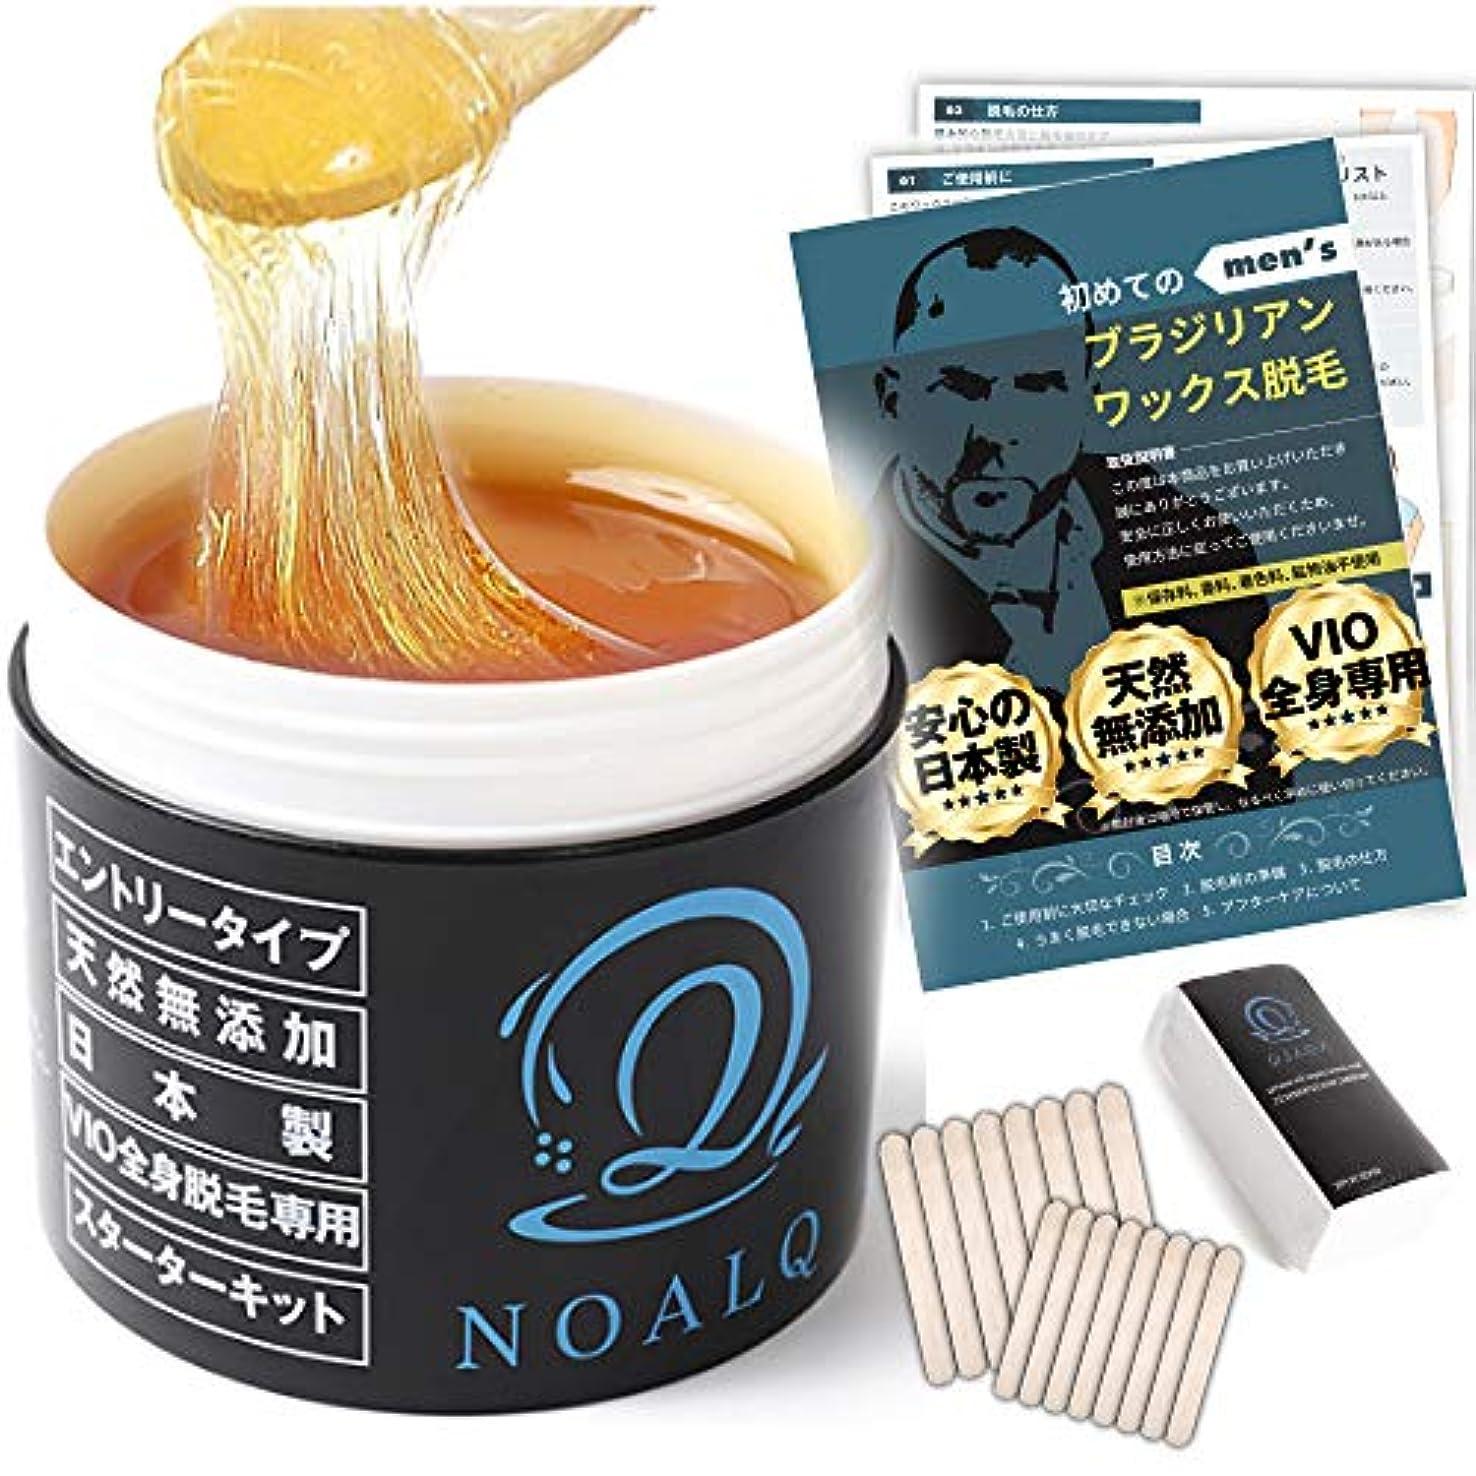 ガレージ伝染性の右NOALQ(ノアルク) ブラジリアンワックス エントリータイプ 天然無添加素材 純国産100% VIO 全身脱毛専用 スターターキット